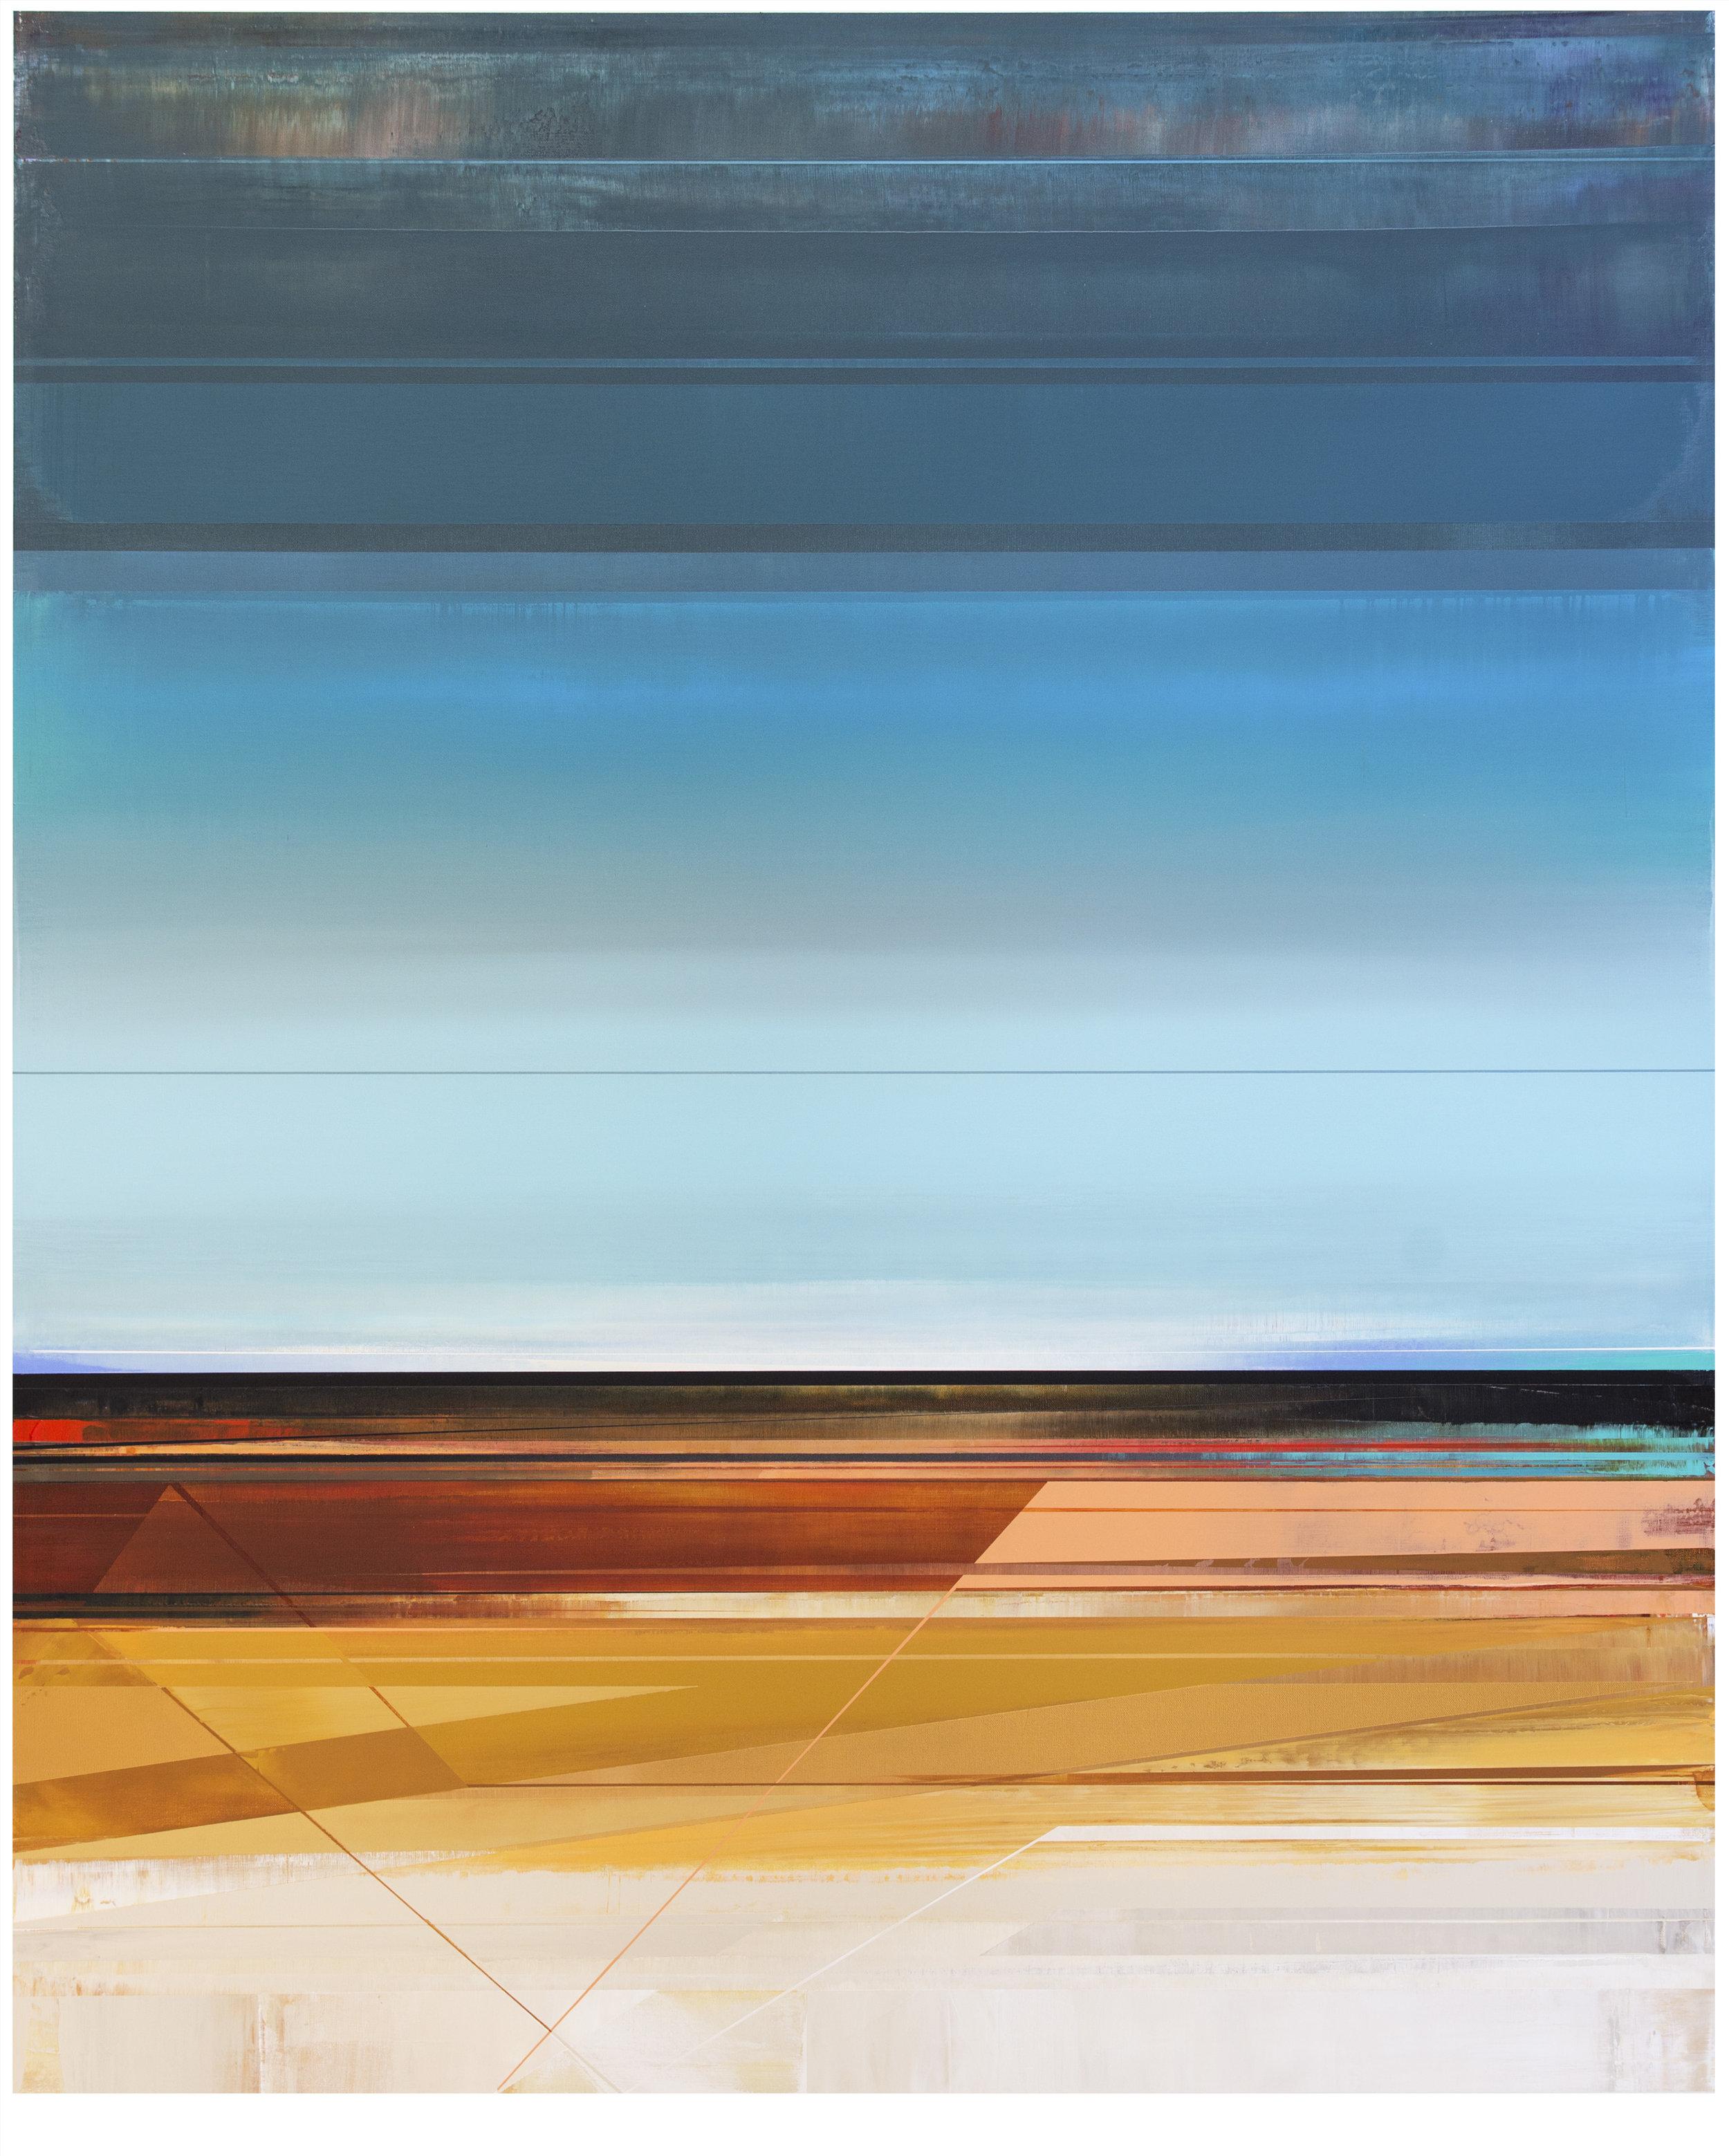 Micah Crandall-Bear, b.1980 (USA)  Title: Domain II  Dimension: 152.56 x 121.92 cm  Year: 2017